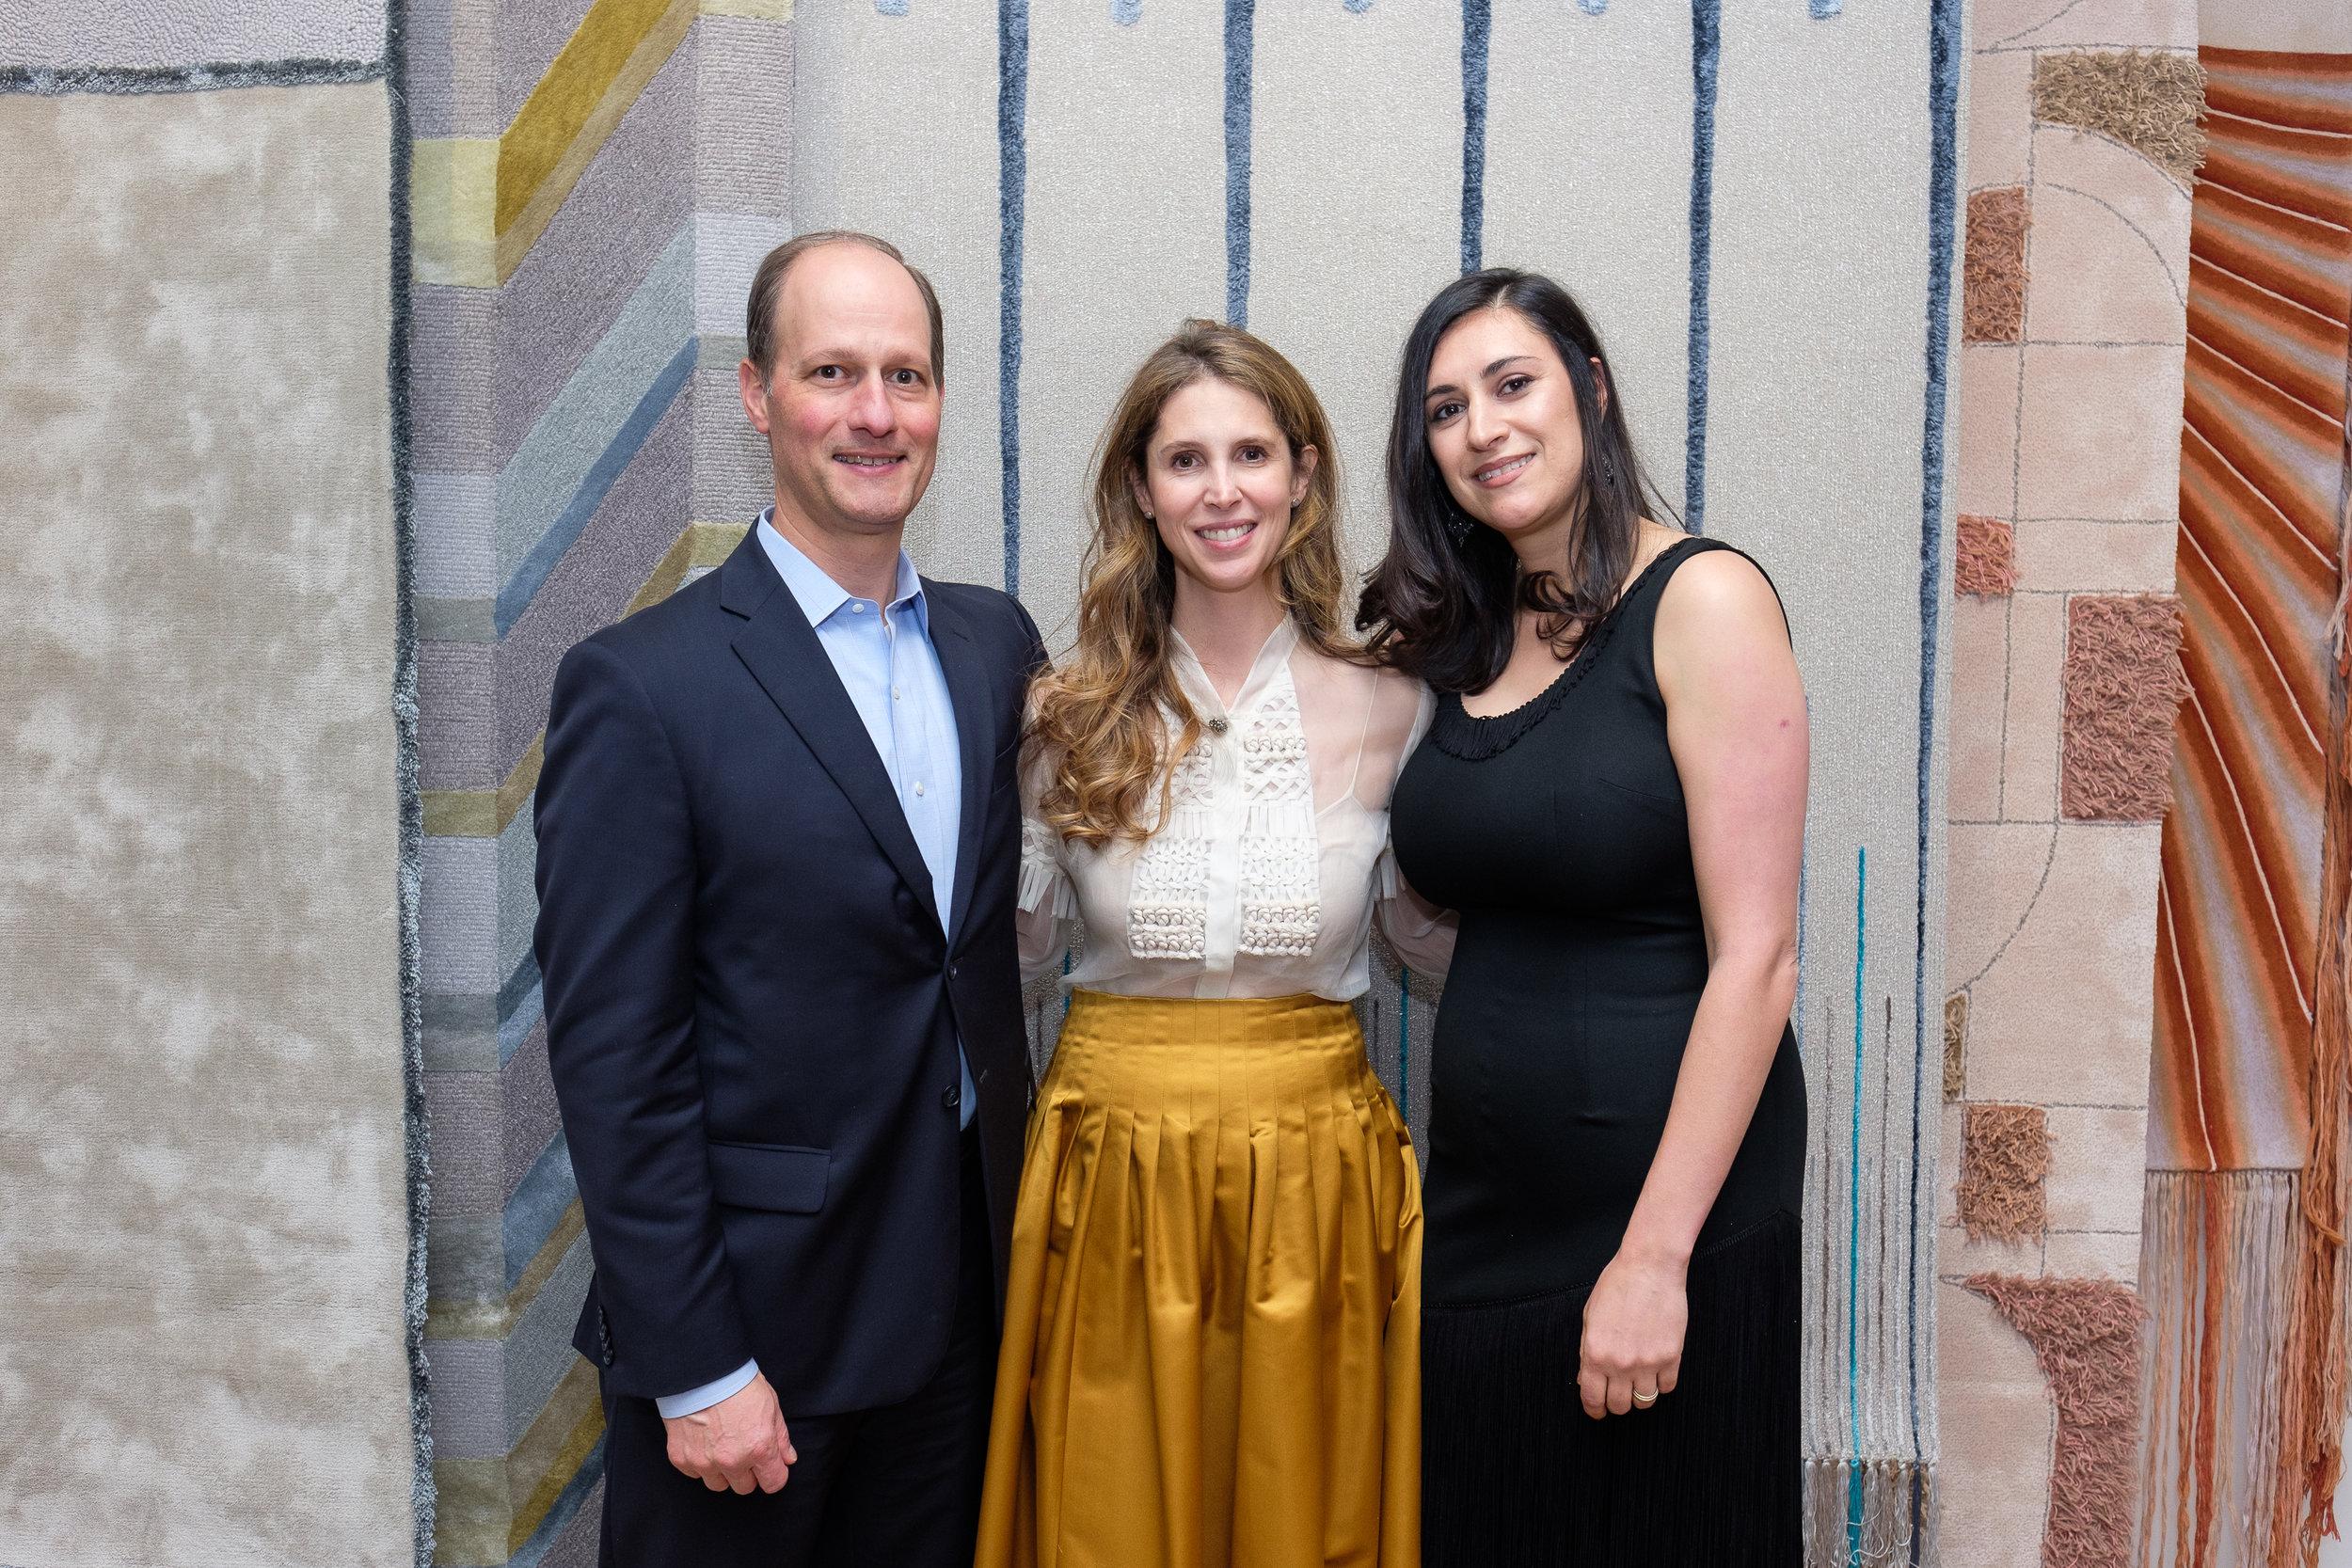 US Managing Director Mason Morjikian, Juliana Polastri, Ariana Massouh (all Edward Fields)